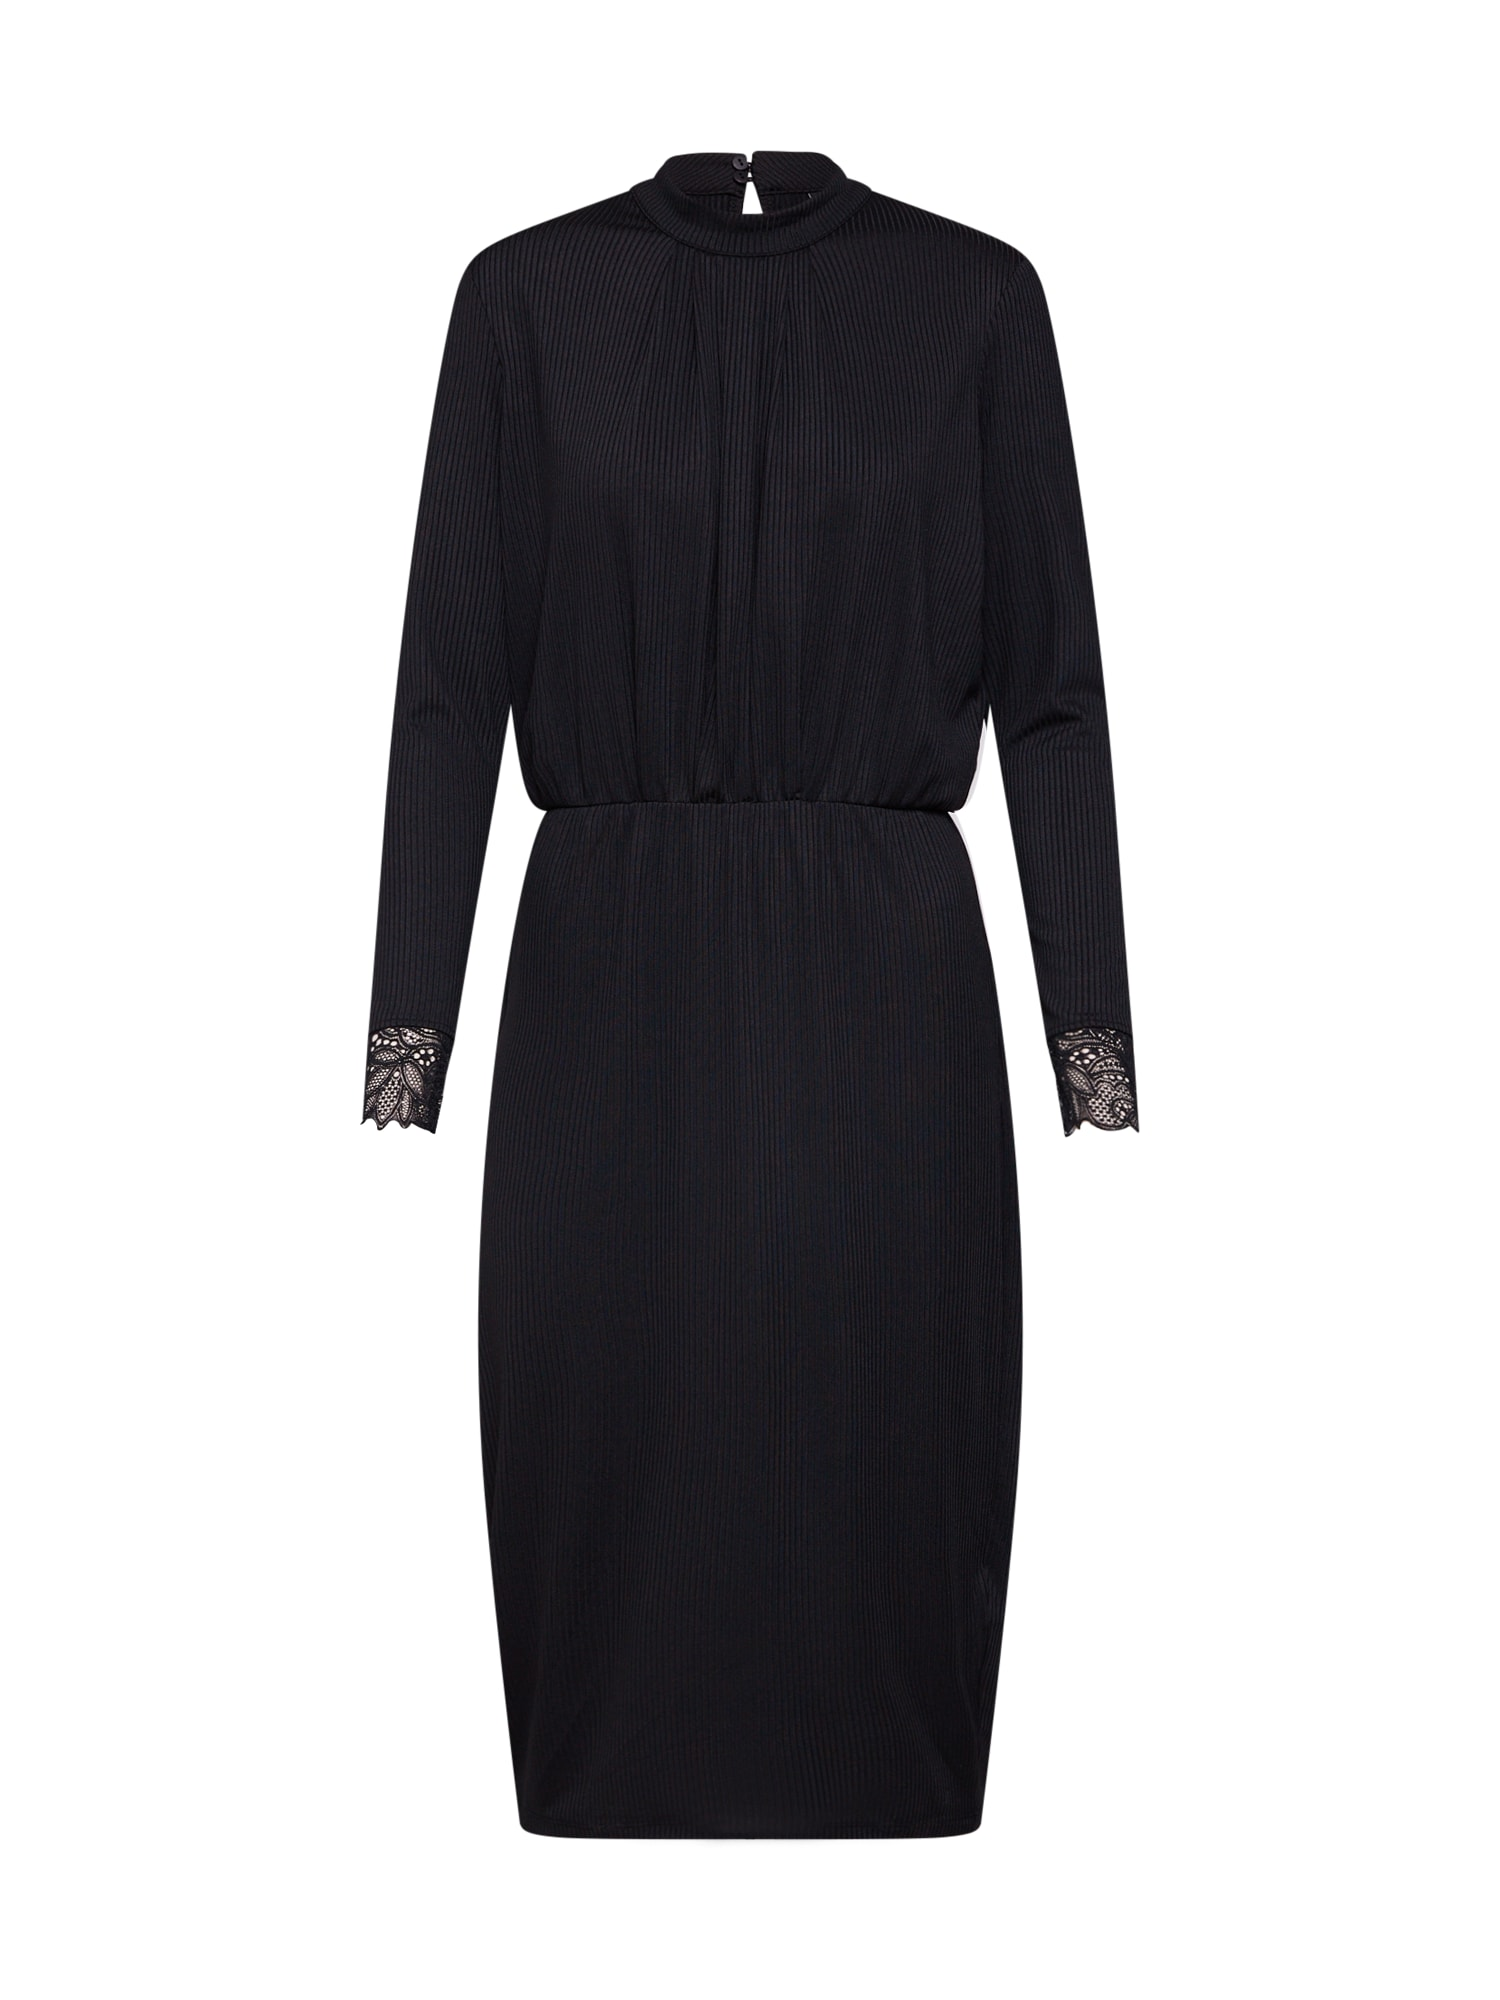 Šaty YASBLAX LS DRESS černá Y.A.S